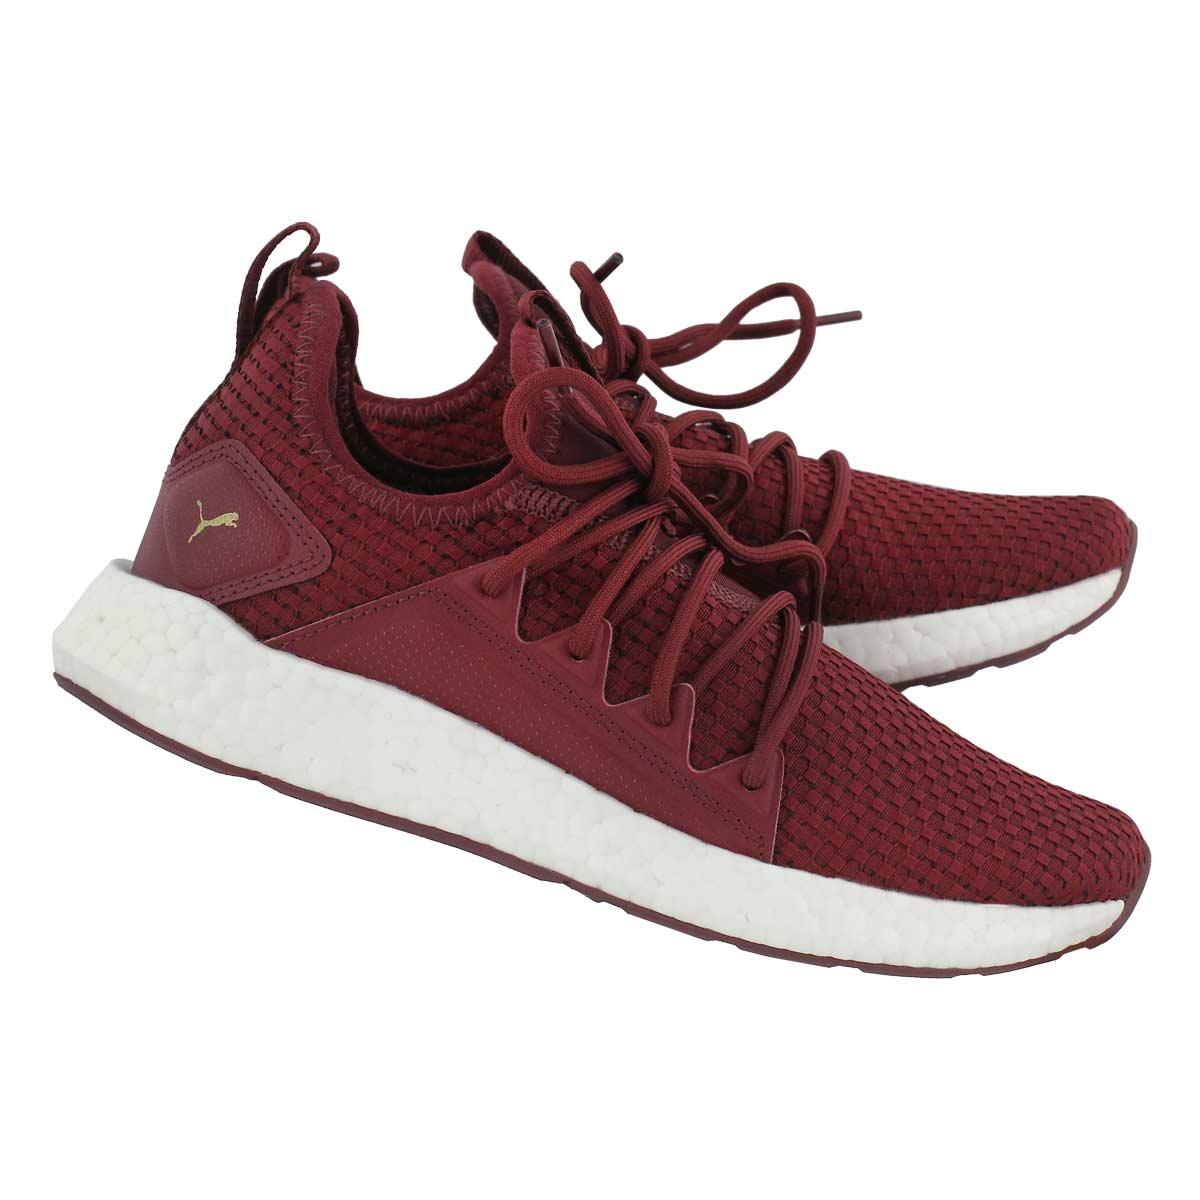 Lds NRGY Neko VT pmgnt slip on sneaker